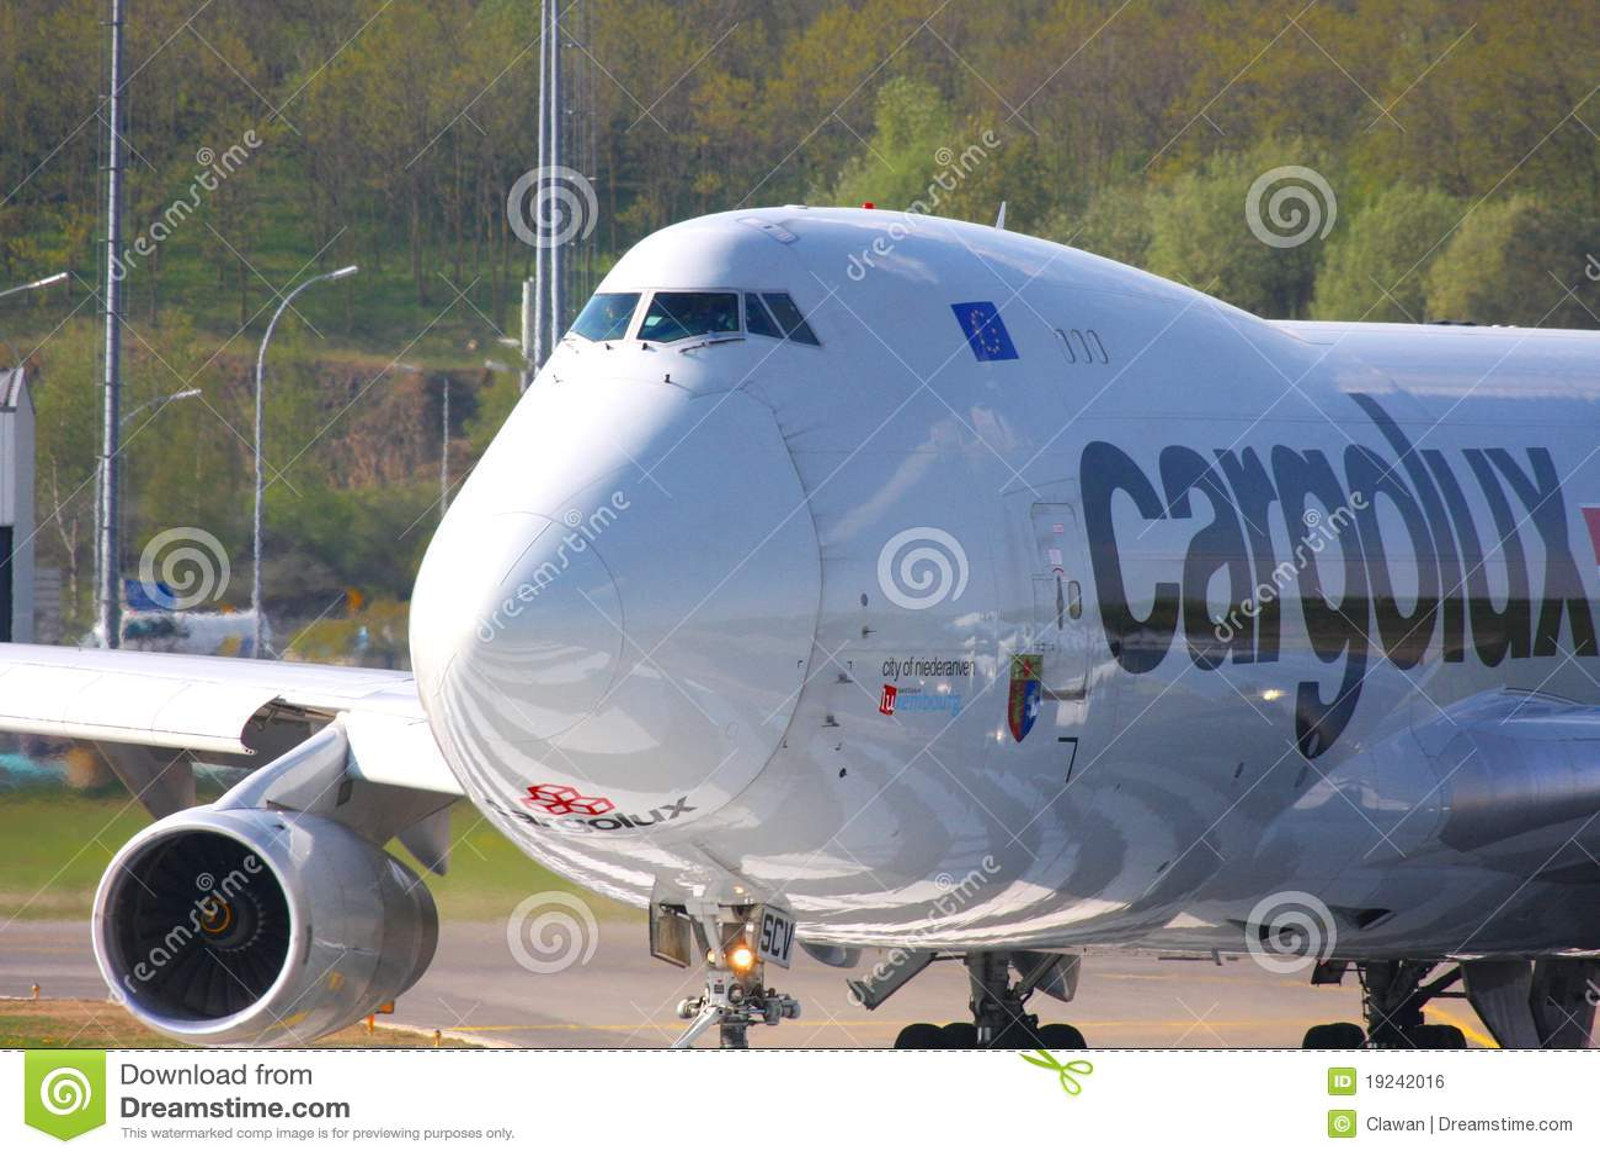 747 cargolux